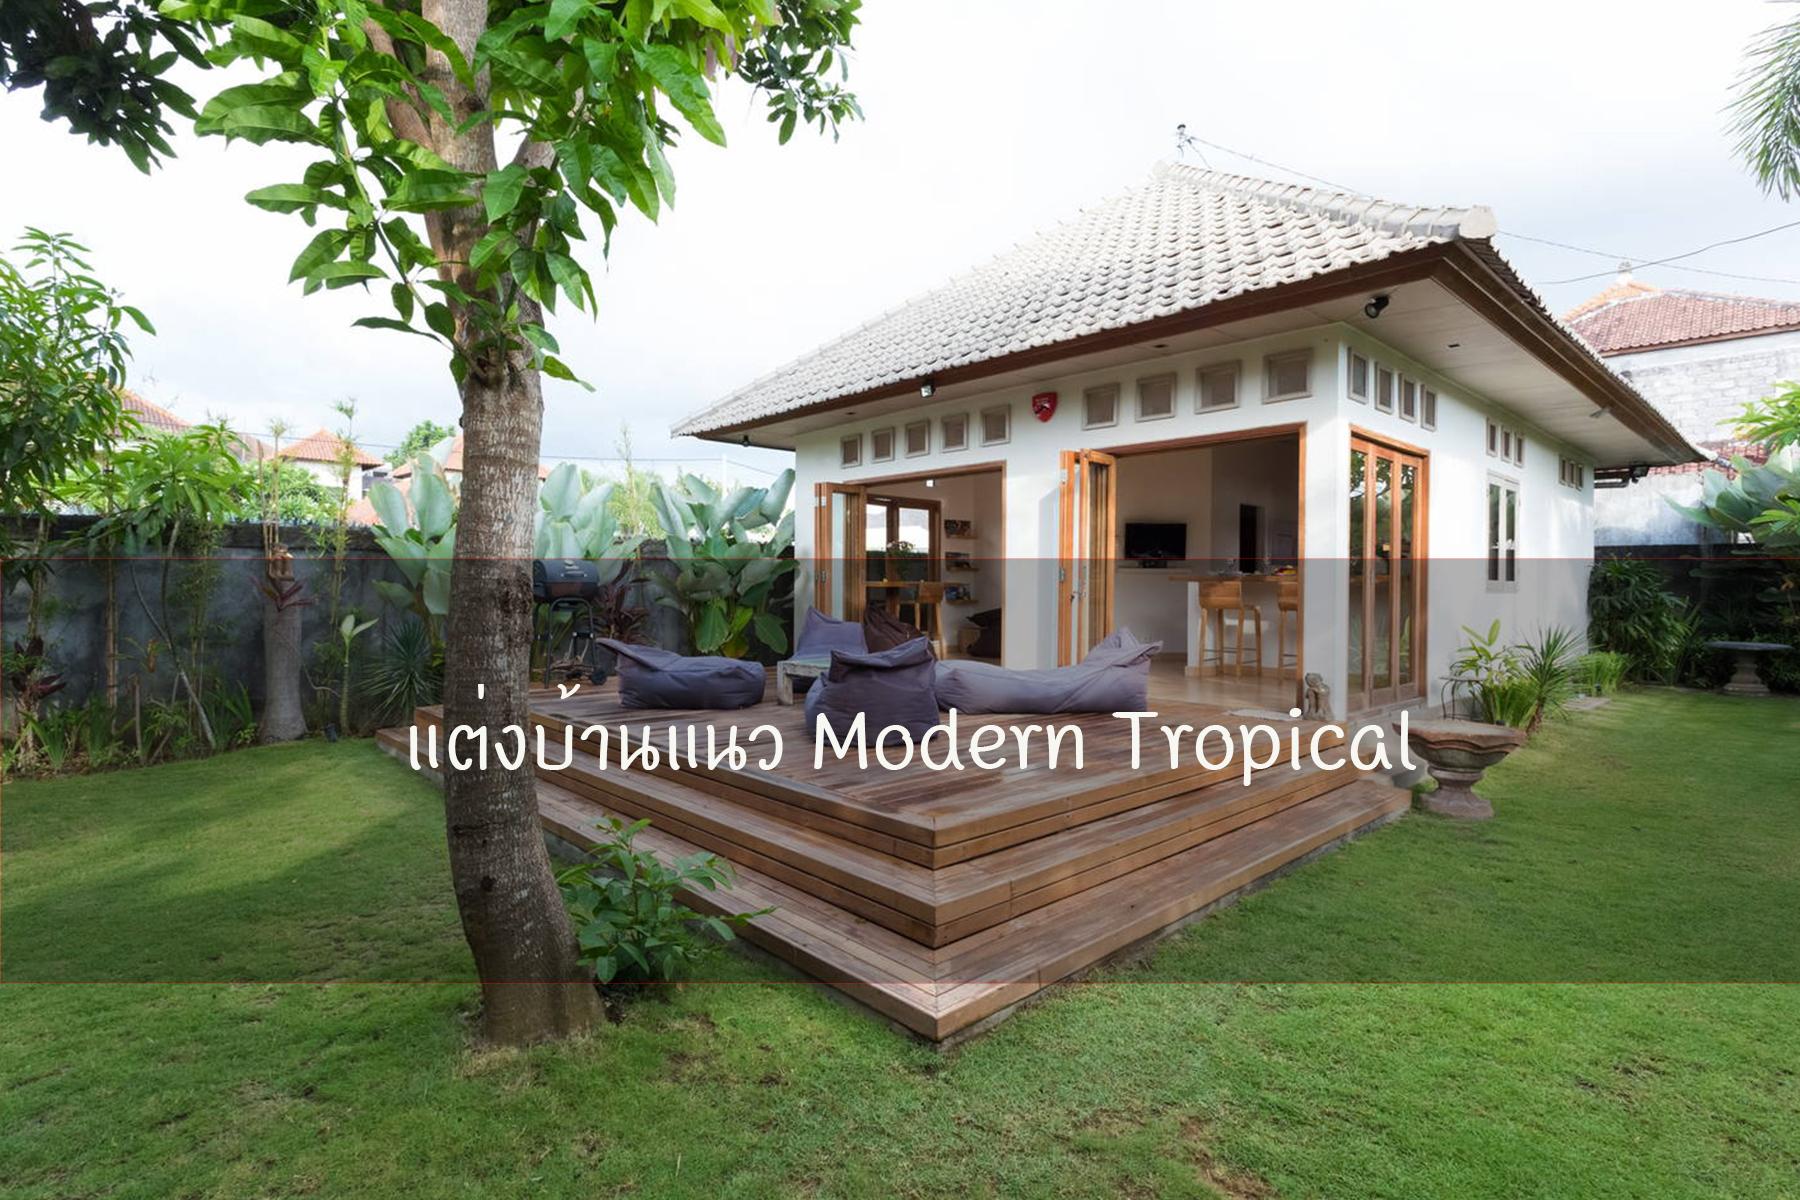 แต่งบ้านแนว Modern Tropical เปลี่ยนบ้านมาเป็นเขตร้อนชื้นกันดีกว่าTrendy Home แต่งบ้าน ปรับคอนโด